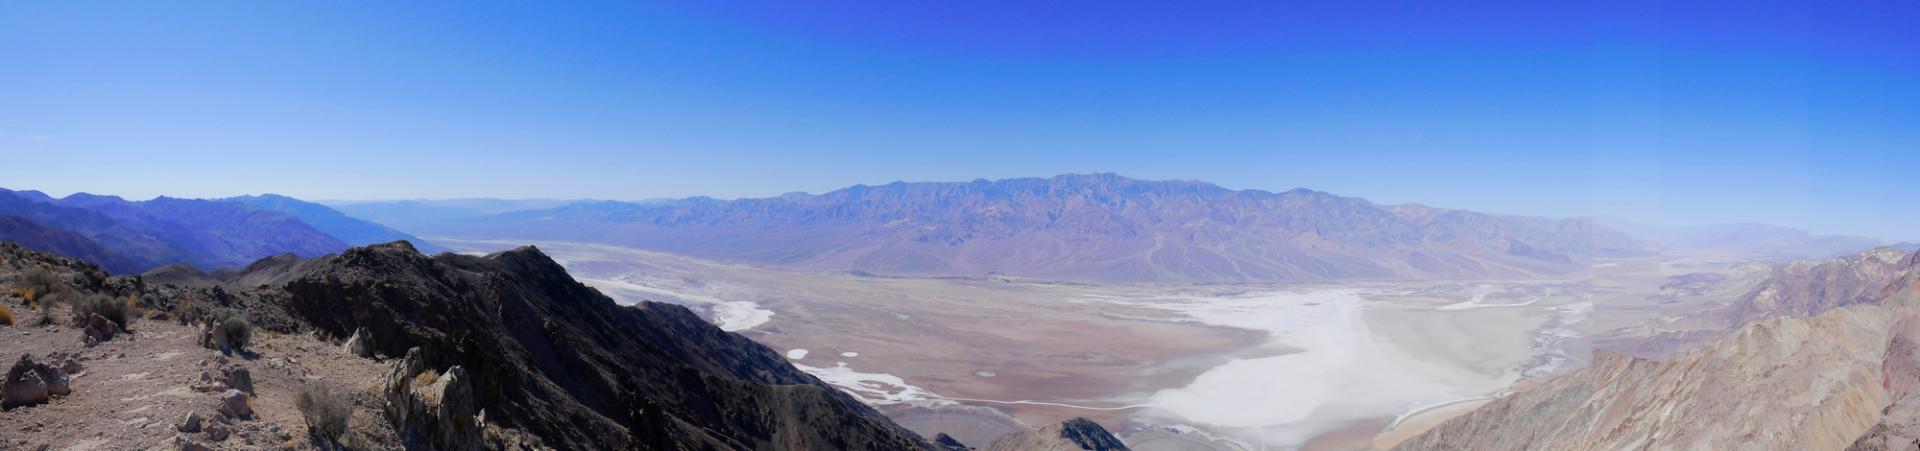 Dead valley le lac de sel vue de dante ridge